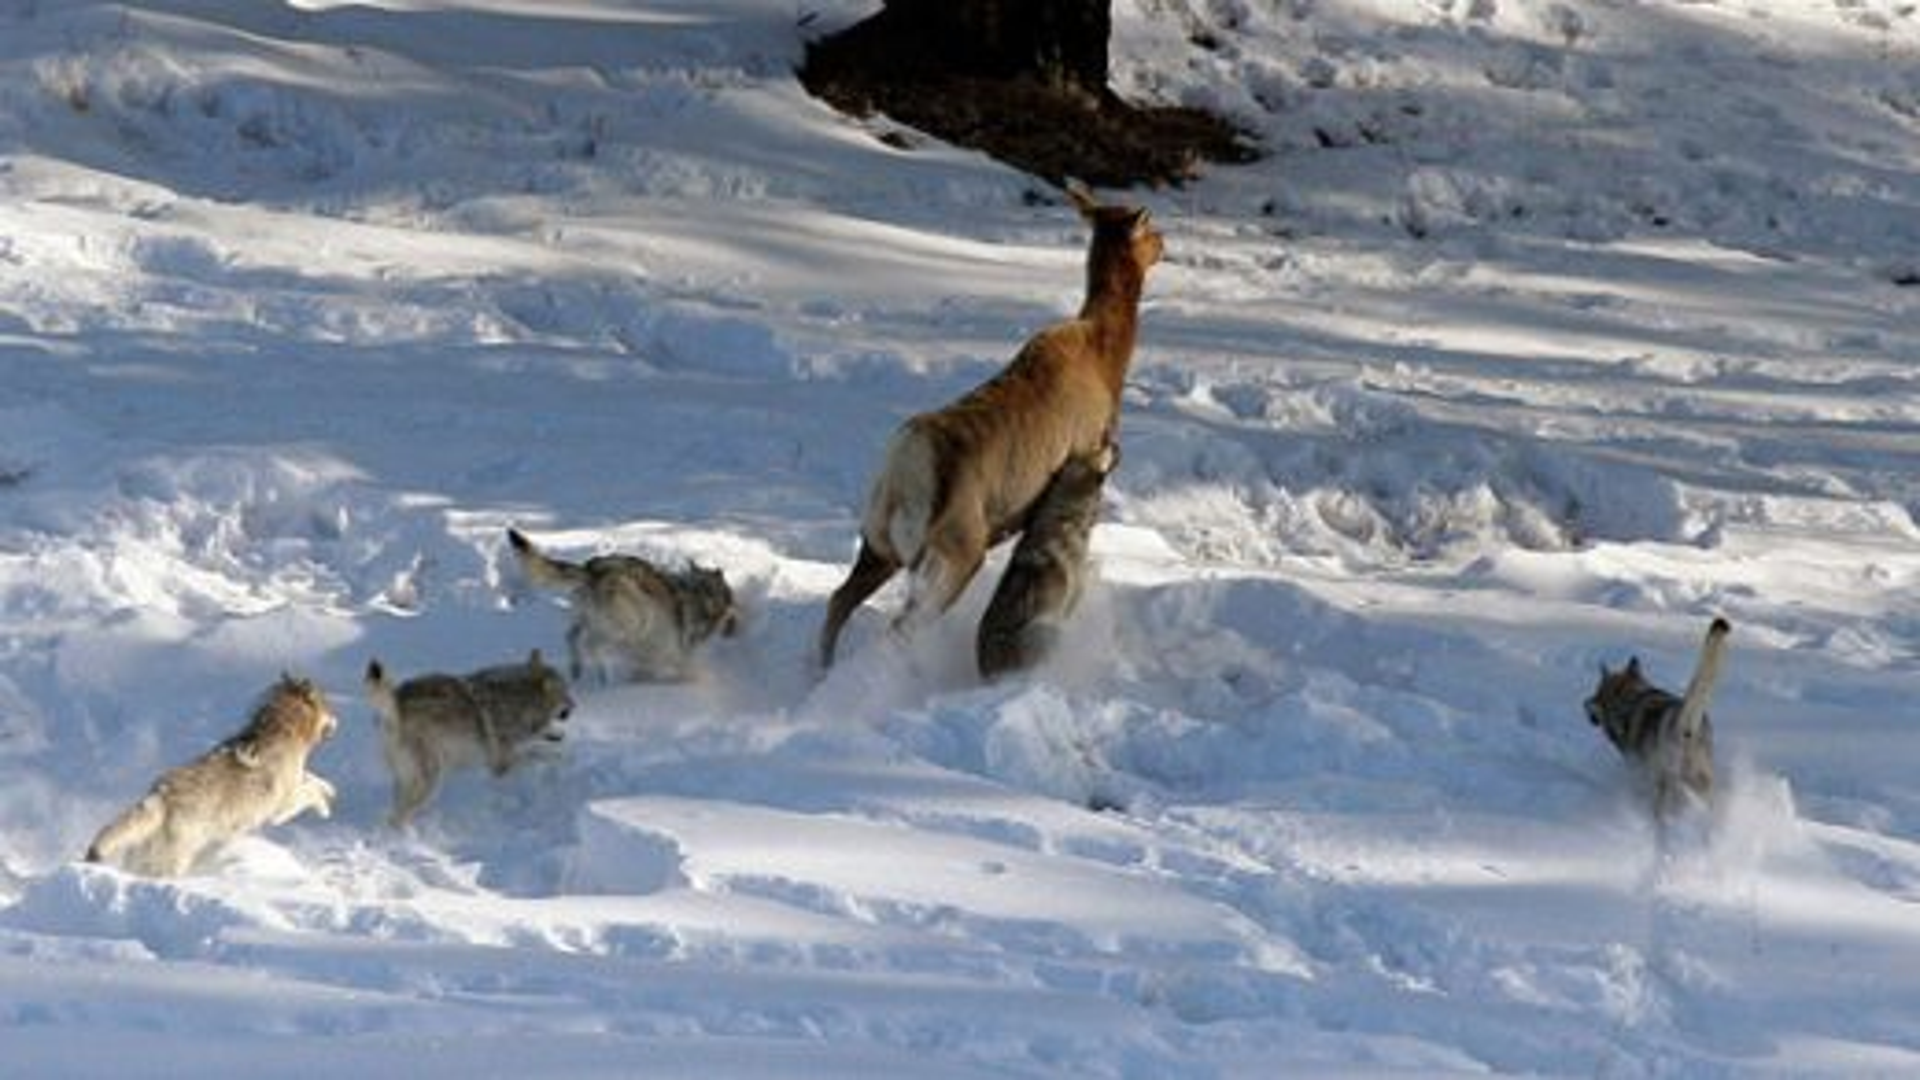 حمله گله گرگهای گرسنه به دسته گوزنها|تگ